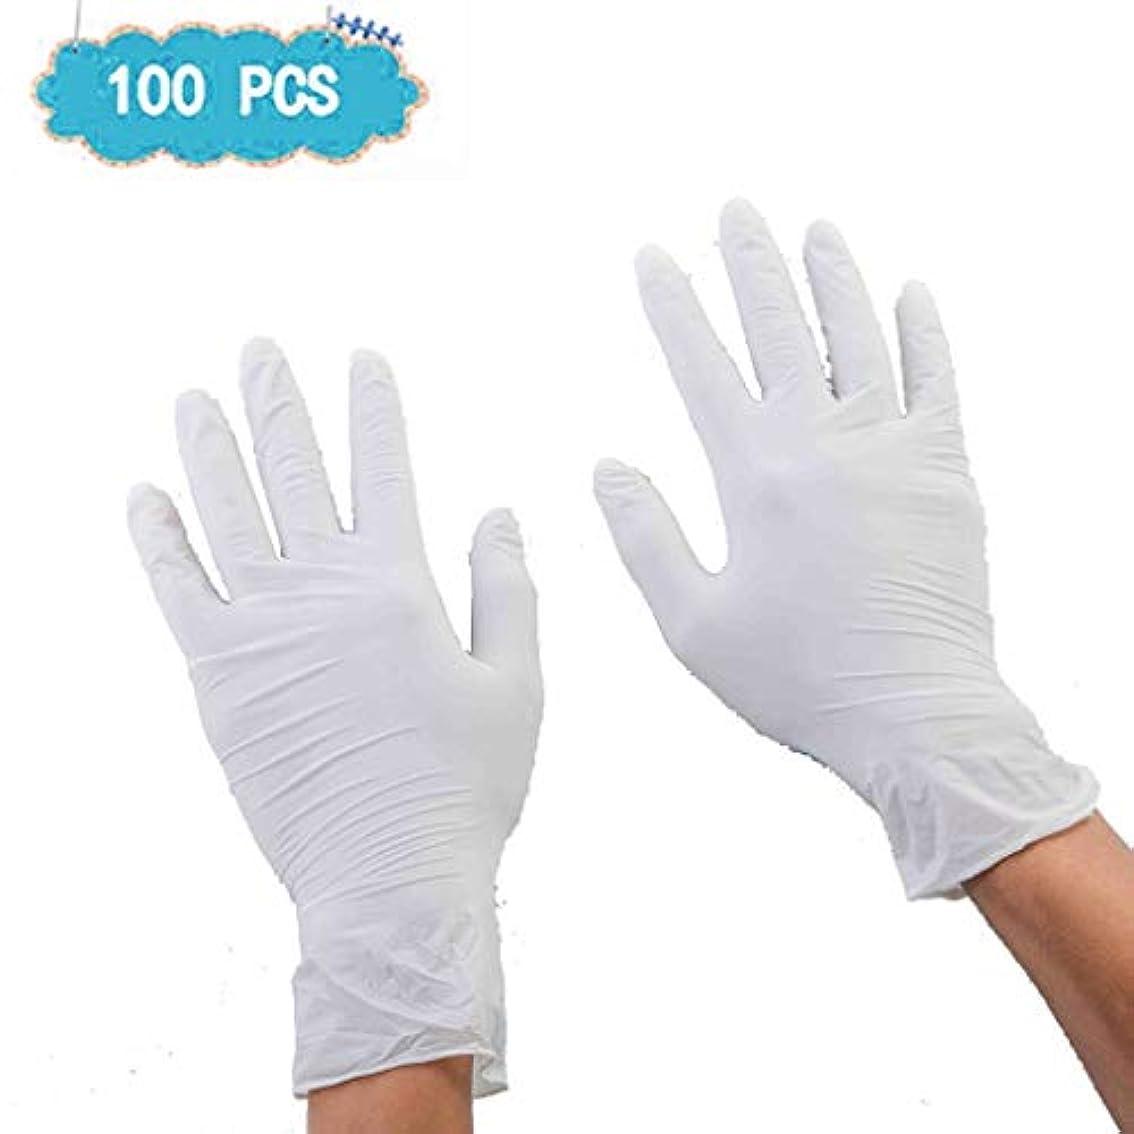 持っている強調する磨かれたニトリル手袋、12インチ厚ゴム手袋白い手袋食品加工医療ペットケアネイルアート検査保護実験、美容サロンラテックスフリー、、 100個 (Size : L)